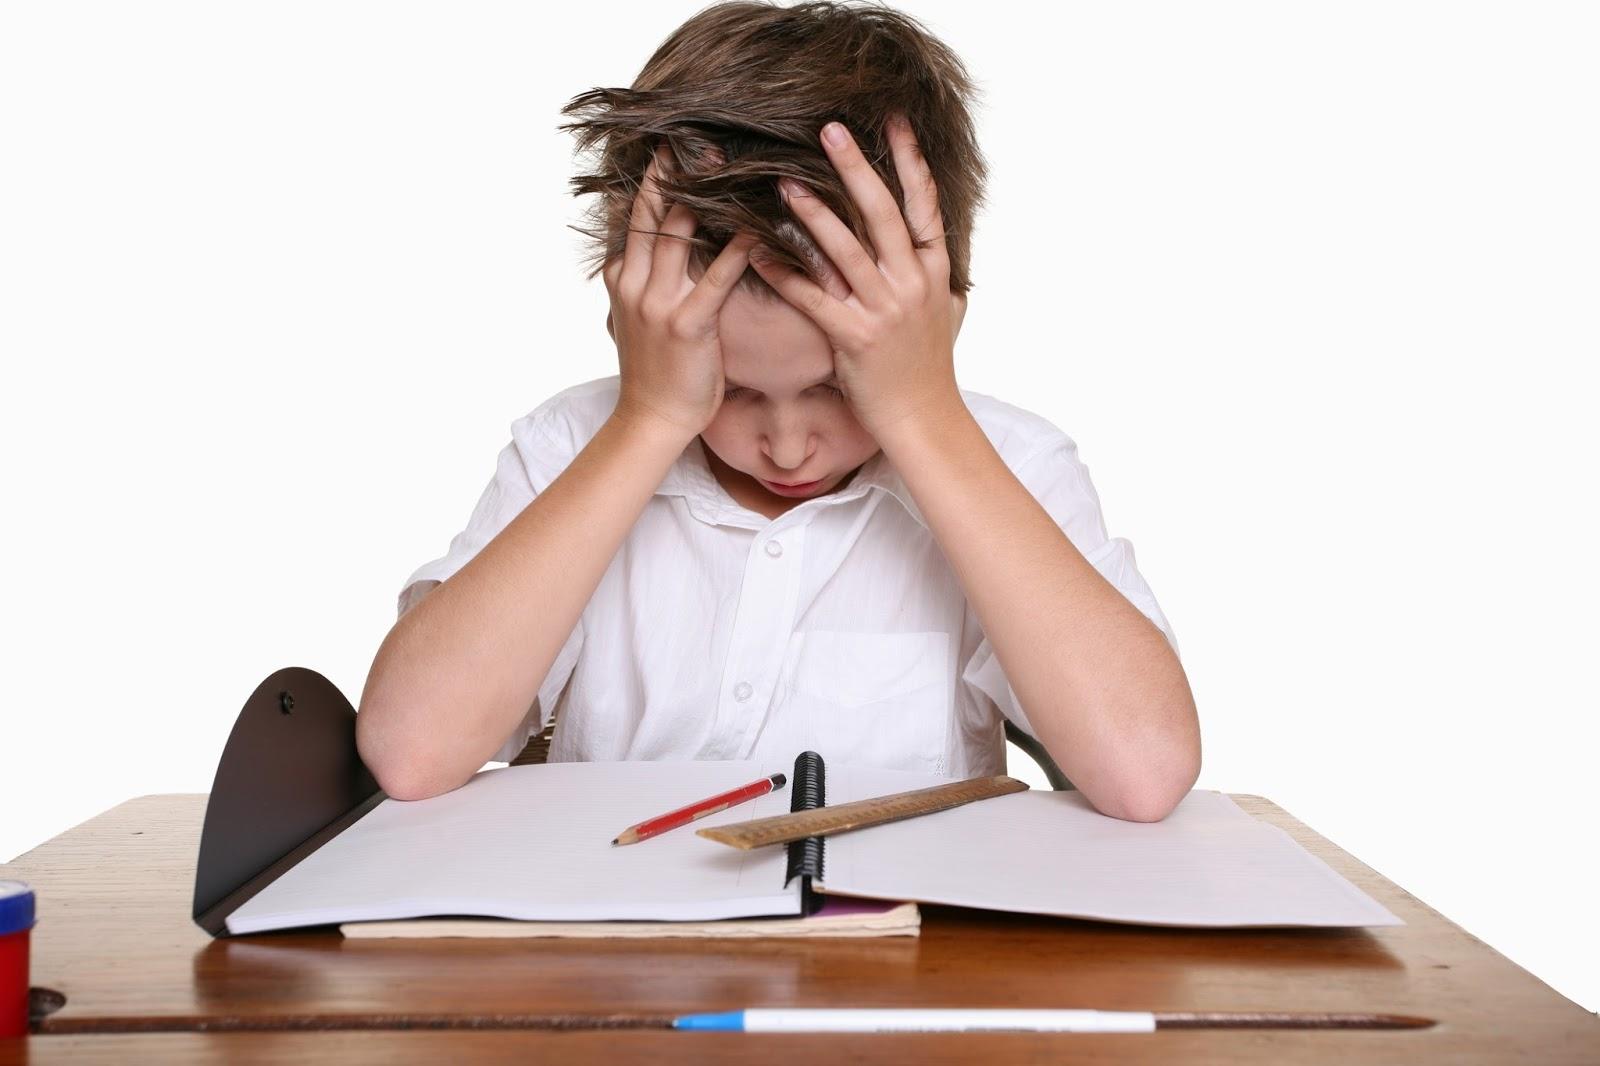 ابني لا يحب الدراسة نصائح لكل أم بتعاني في المذاكرة مع أولادها